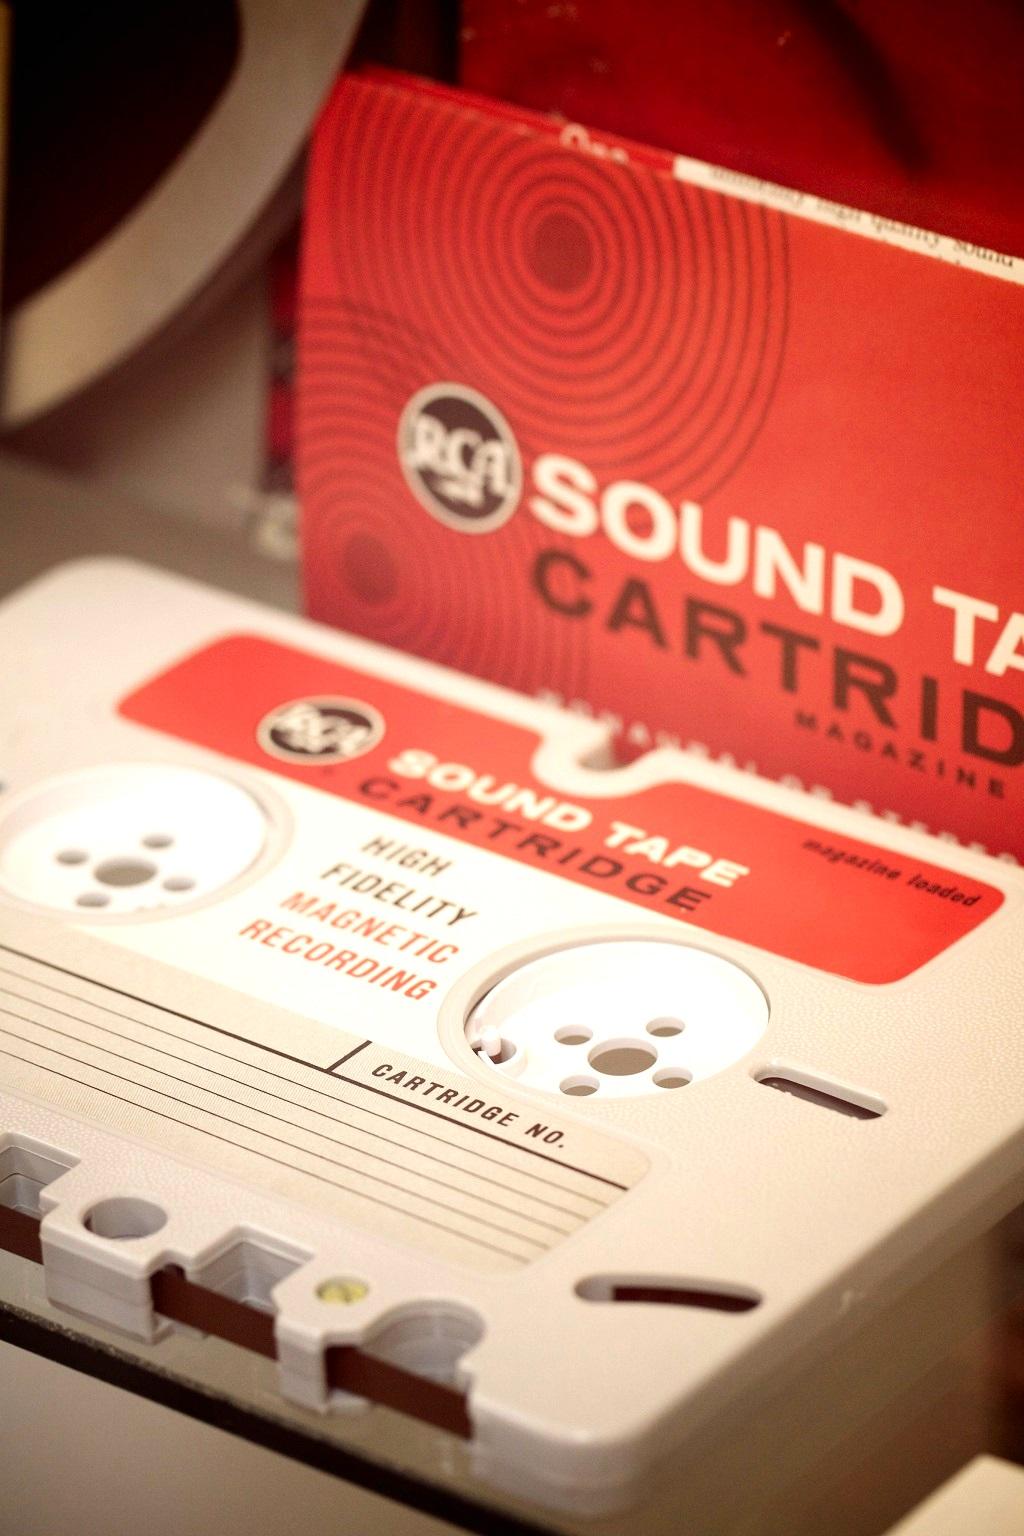 История компактного аудио: как миниатюрные бобины перекочевали в кассетный форм-фактор - 2